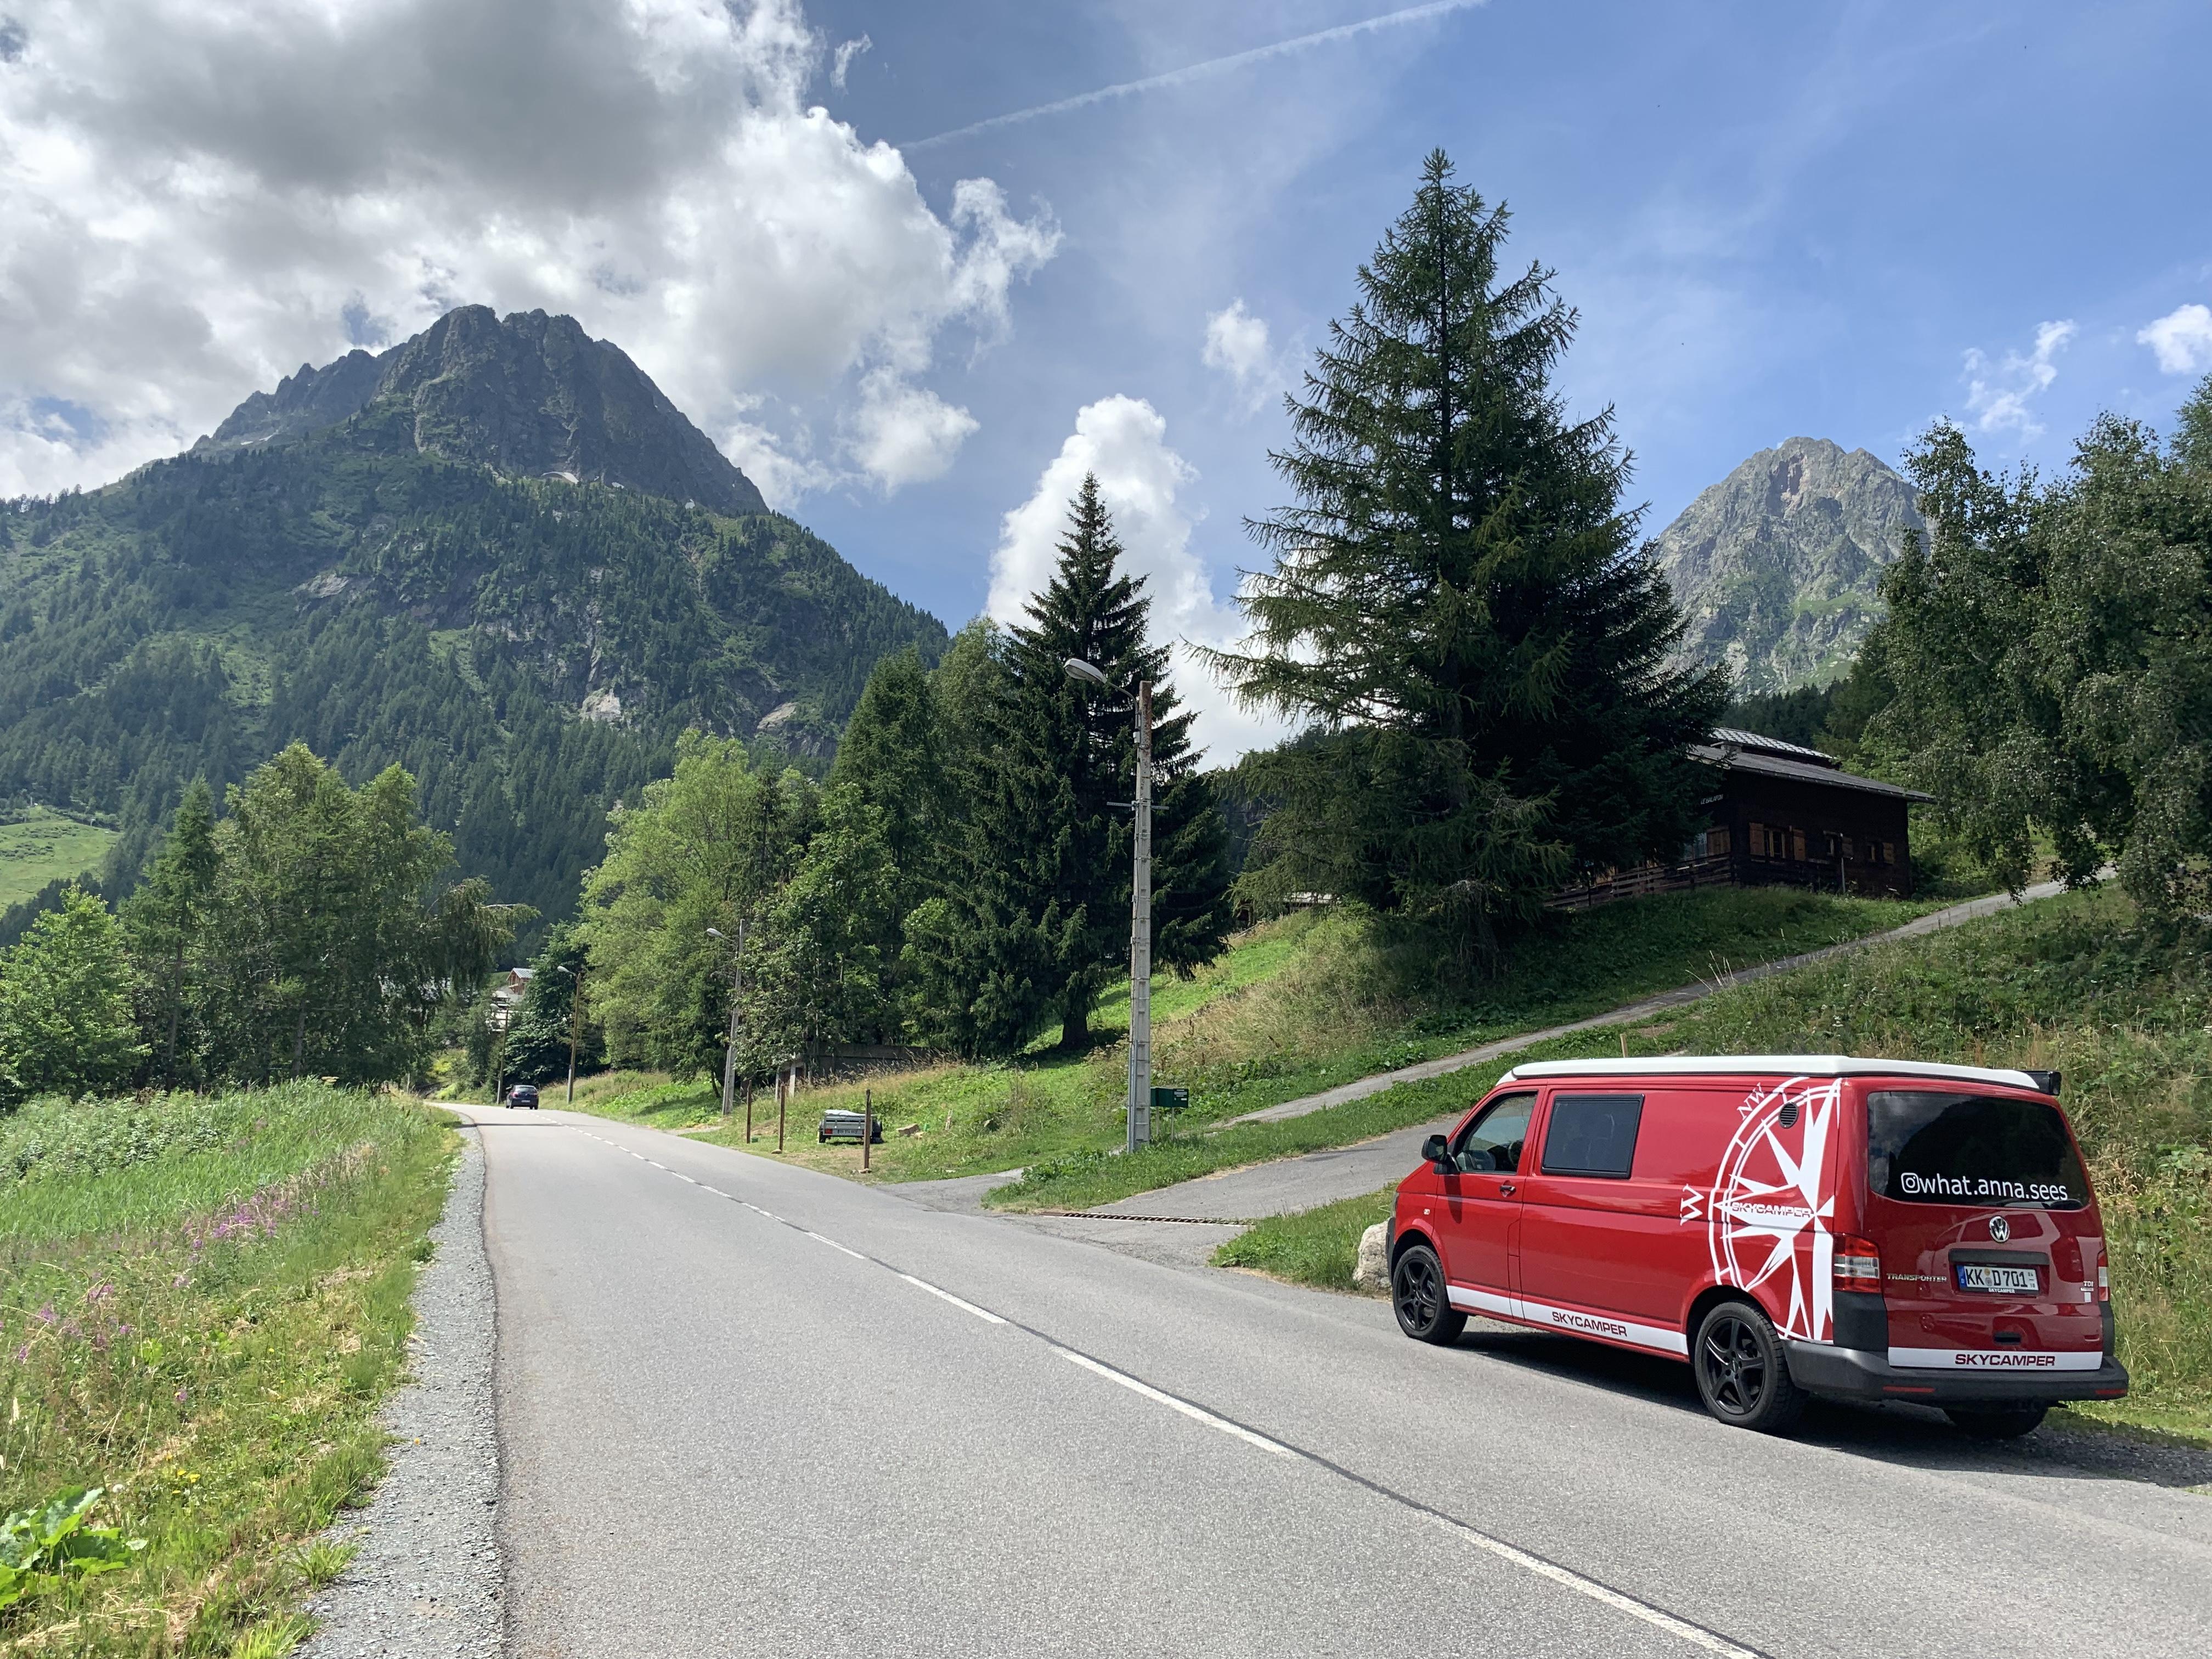 #vanlife auf dem Weg durch die französischen Alpen